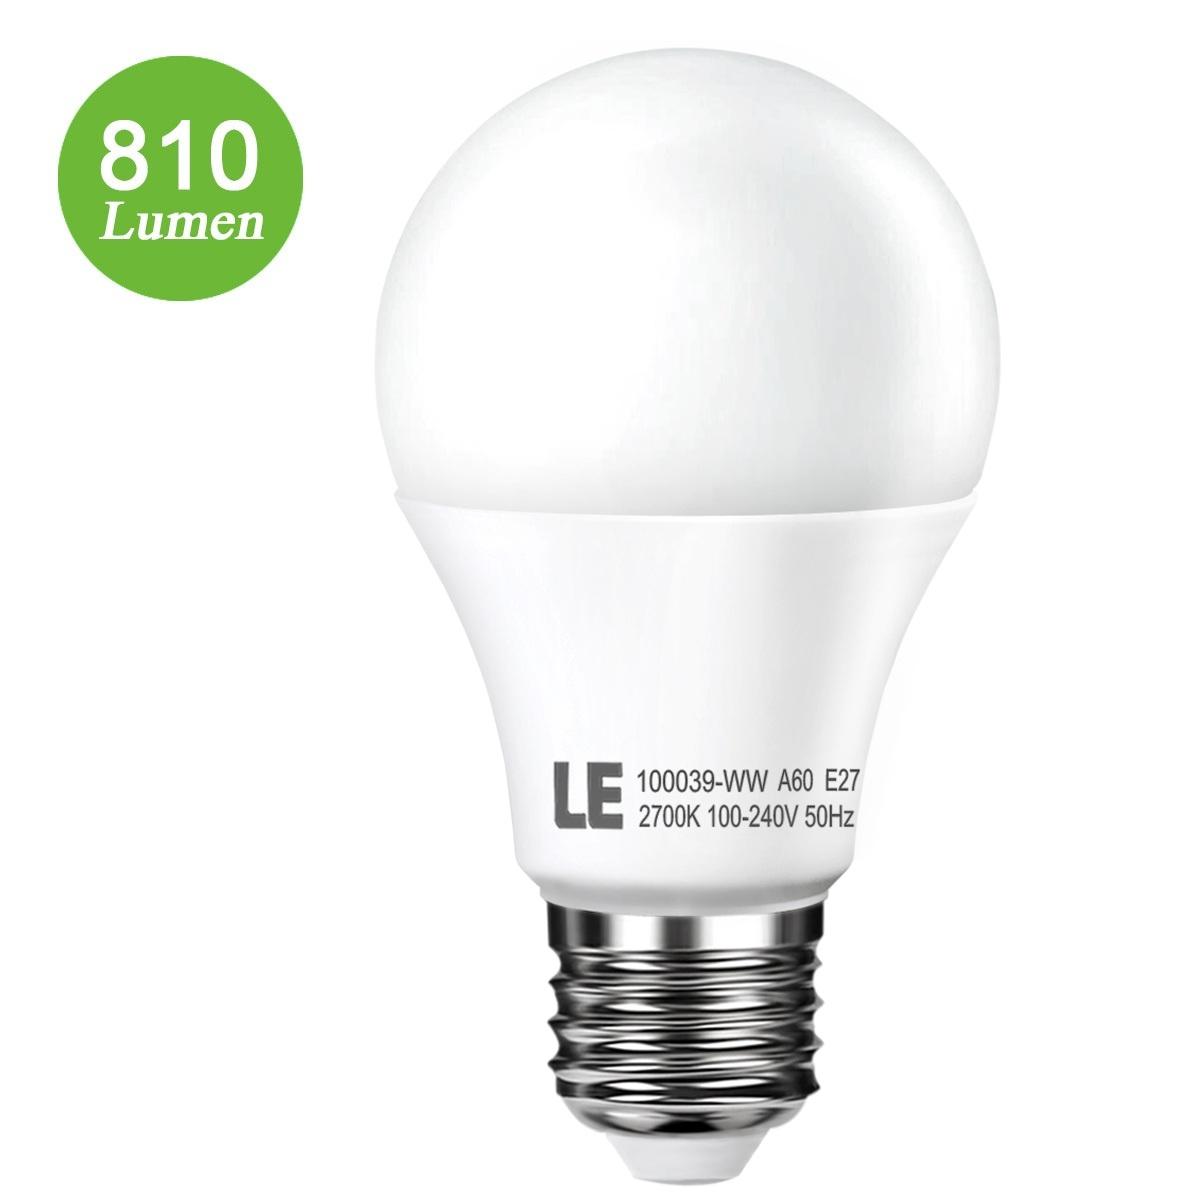 10W E27 A60 LED Birnen,  810lm Lampe, 240° Strahler, ersetzt 60W-Glühlampe, Warmweiß